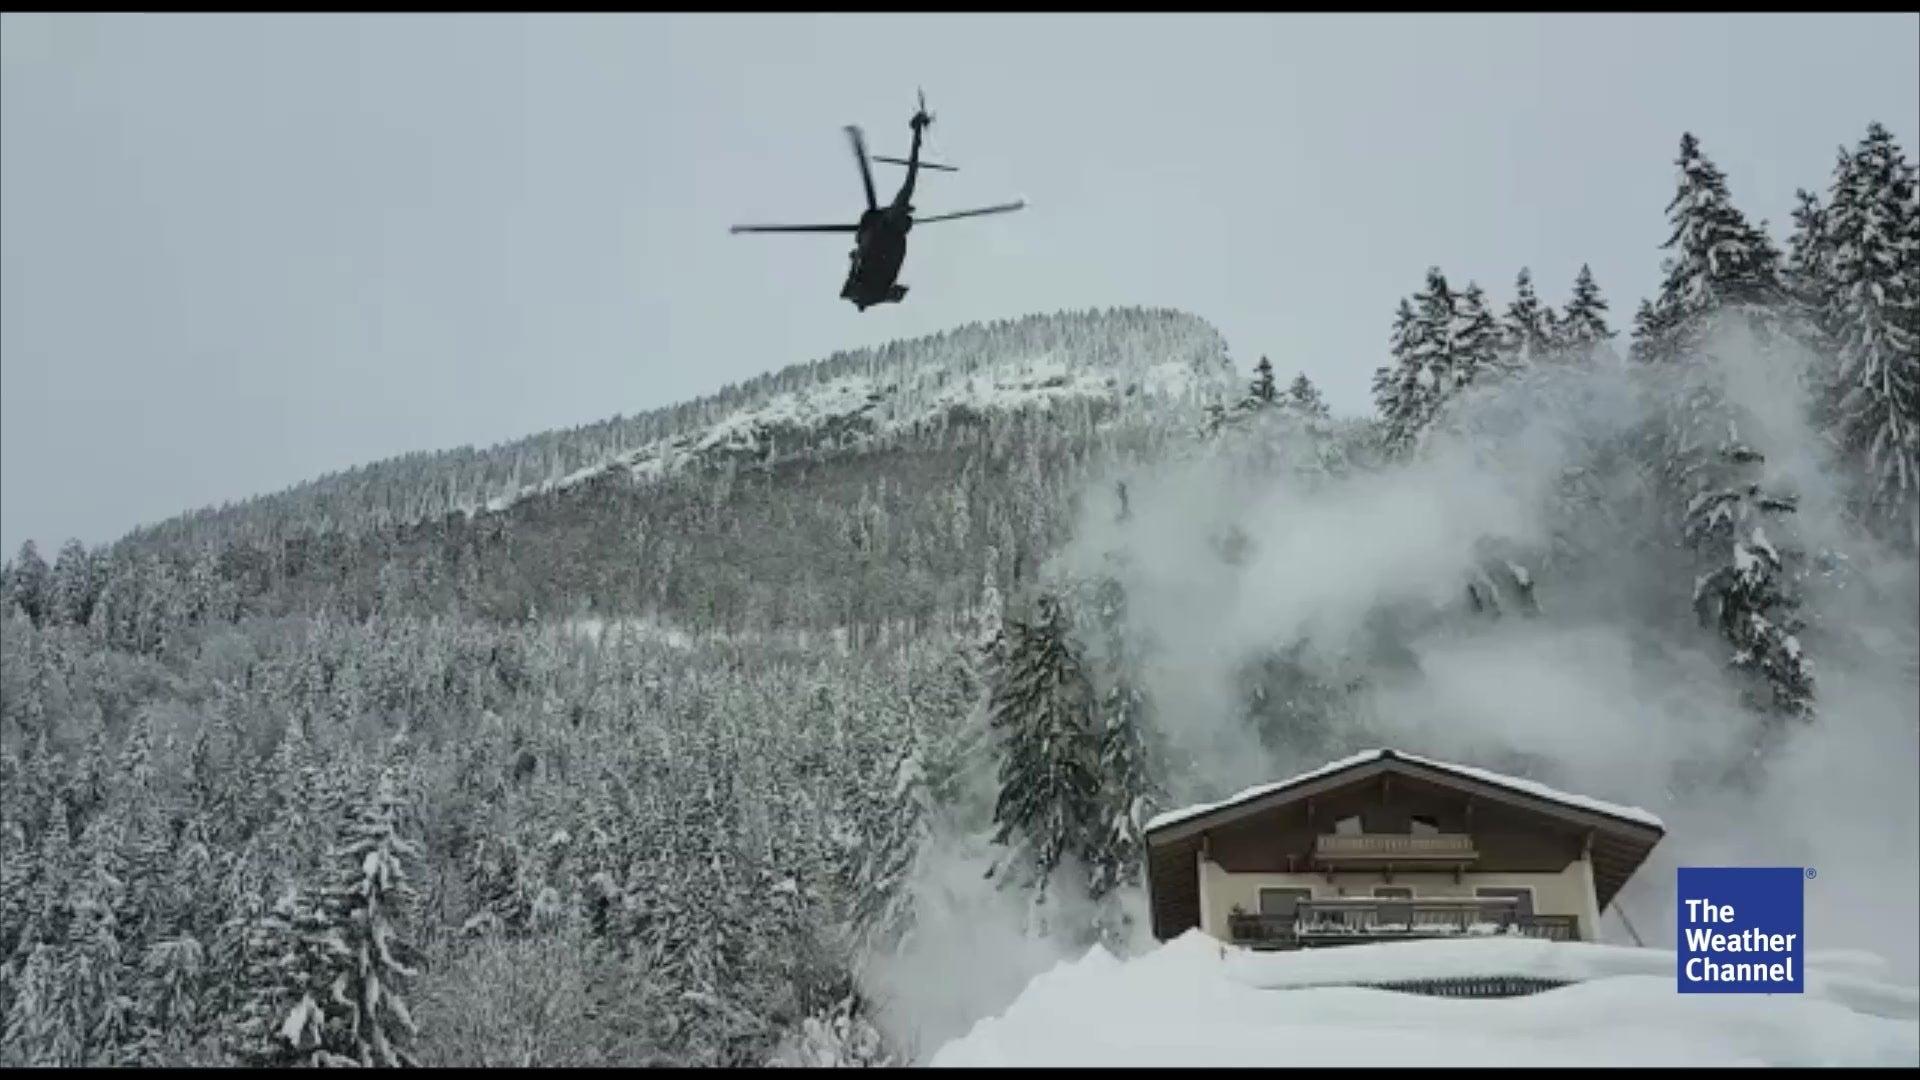 Blackhawk-Hubschrauber blasen Schnee von Dächern und Bäumen